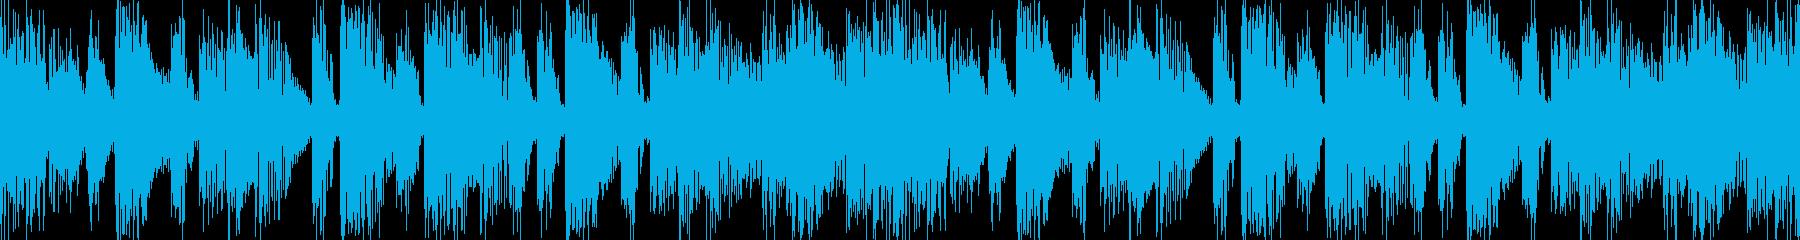 緊迫感緊張感を感じるデジタルサウンドの再生済みの波形